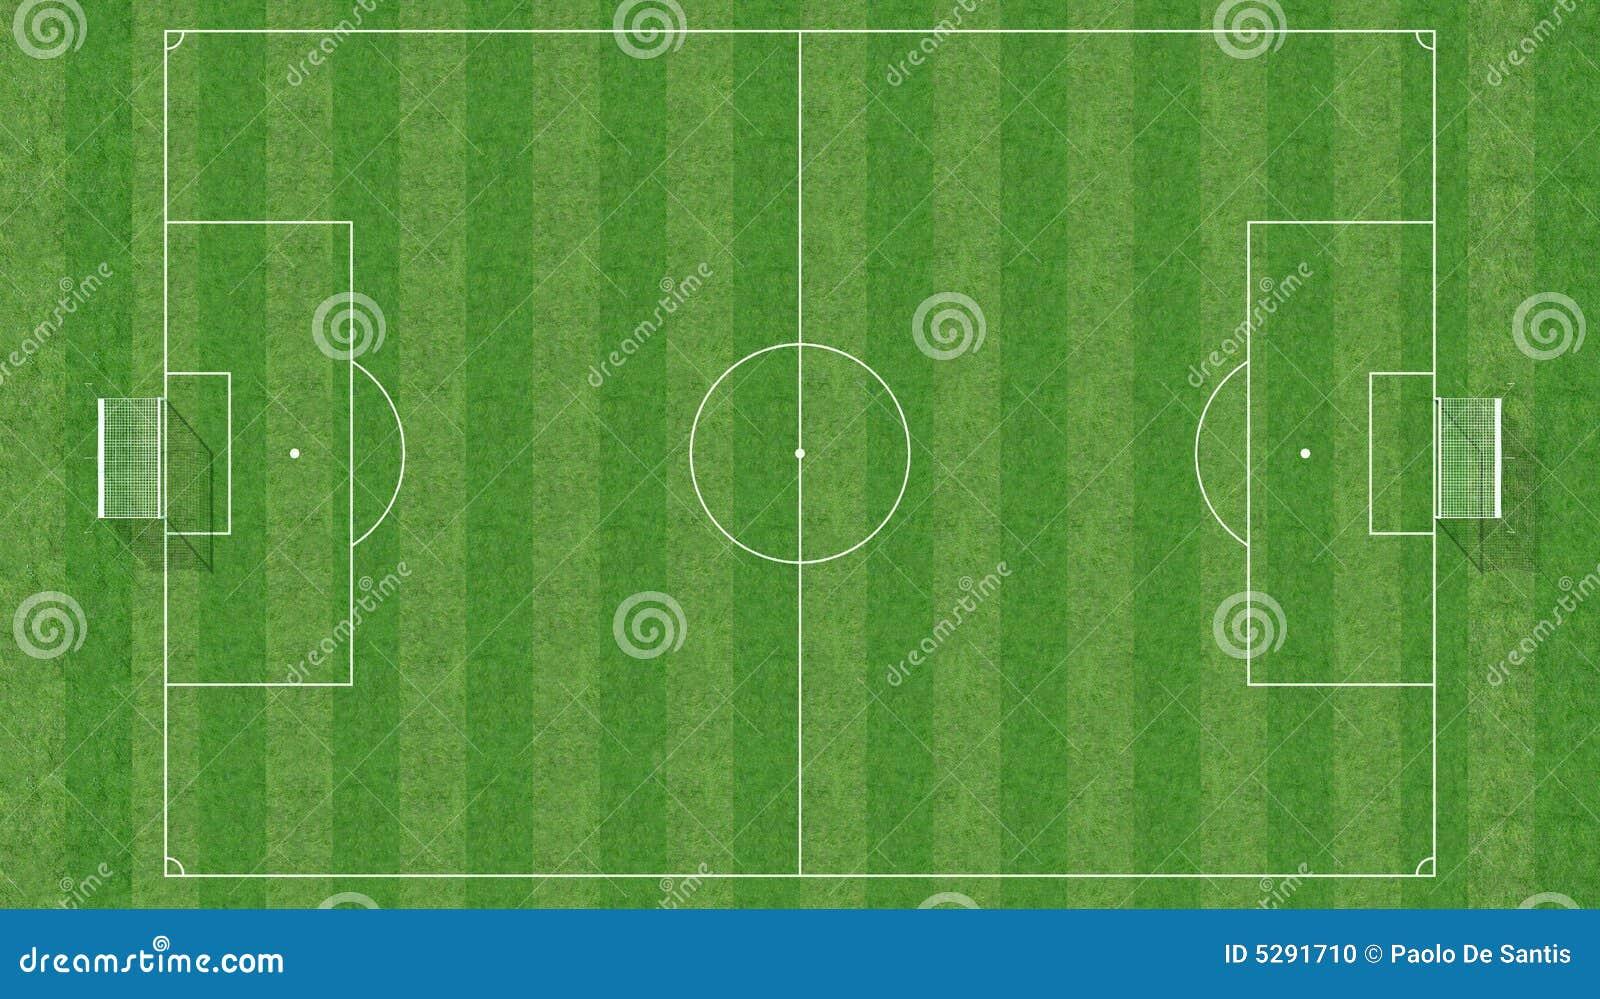 Dream League Soccer для ПК  androidmobilesu